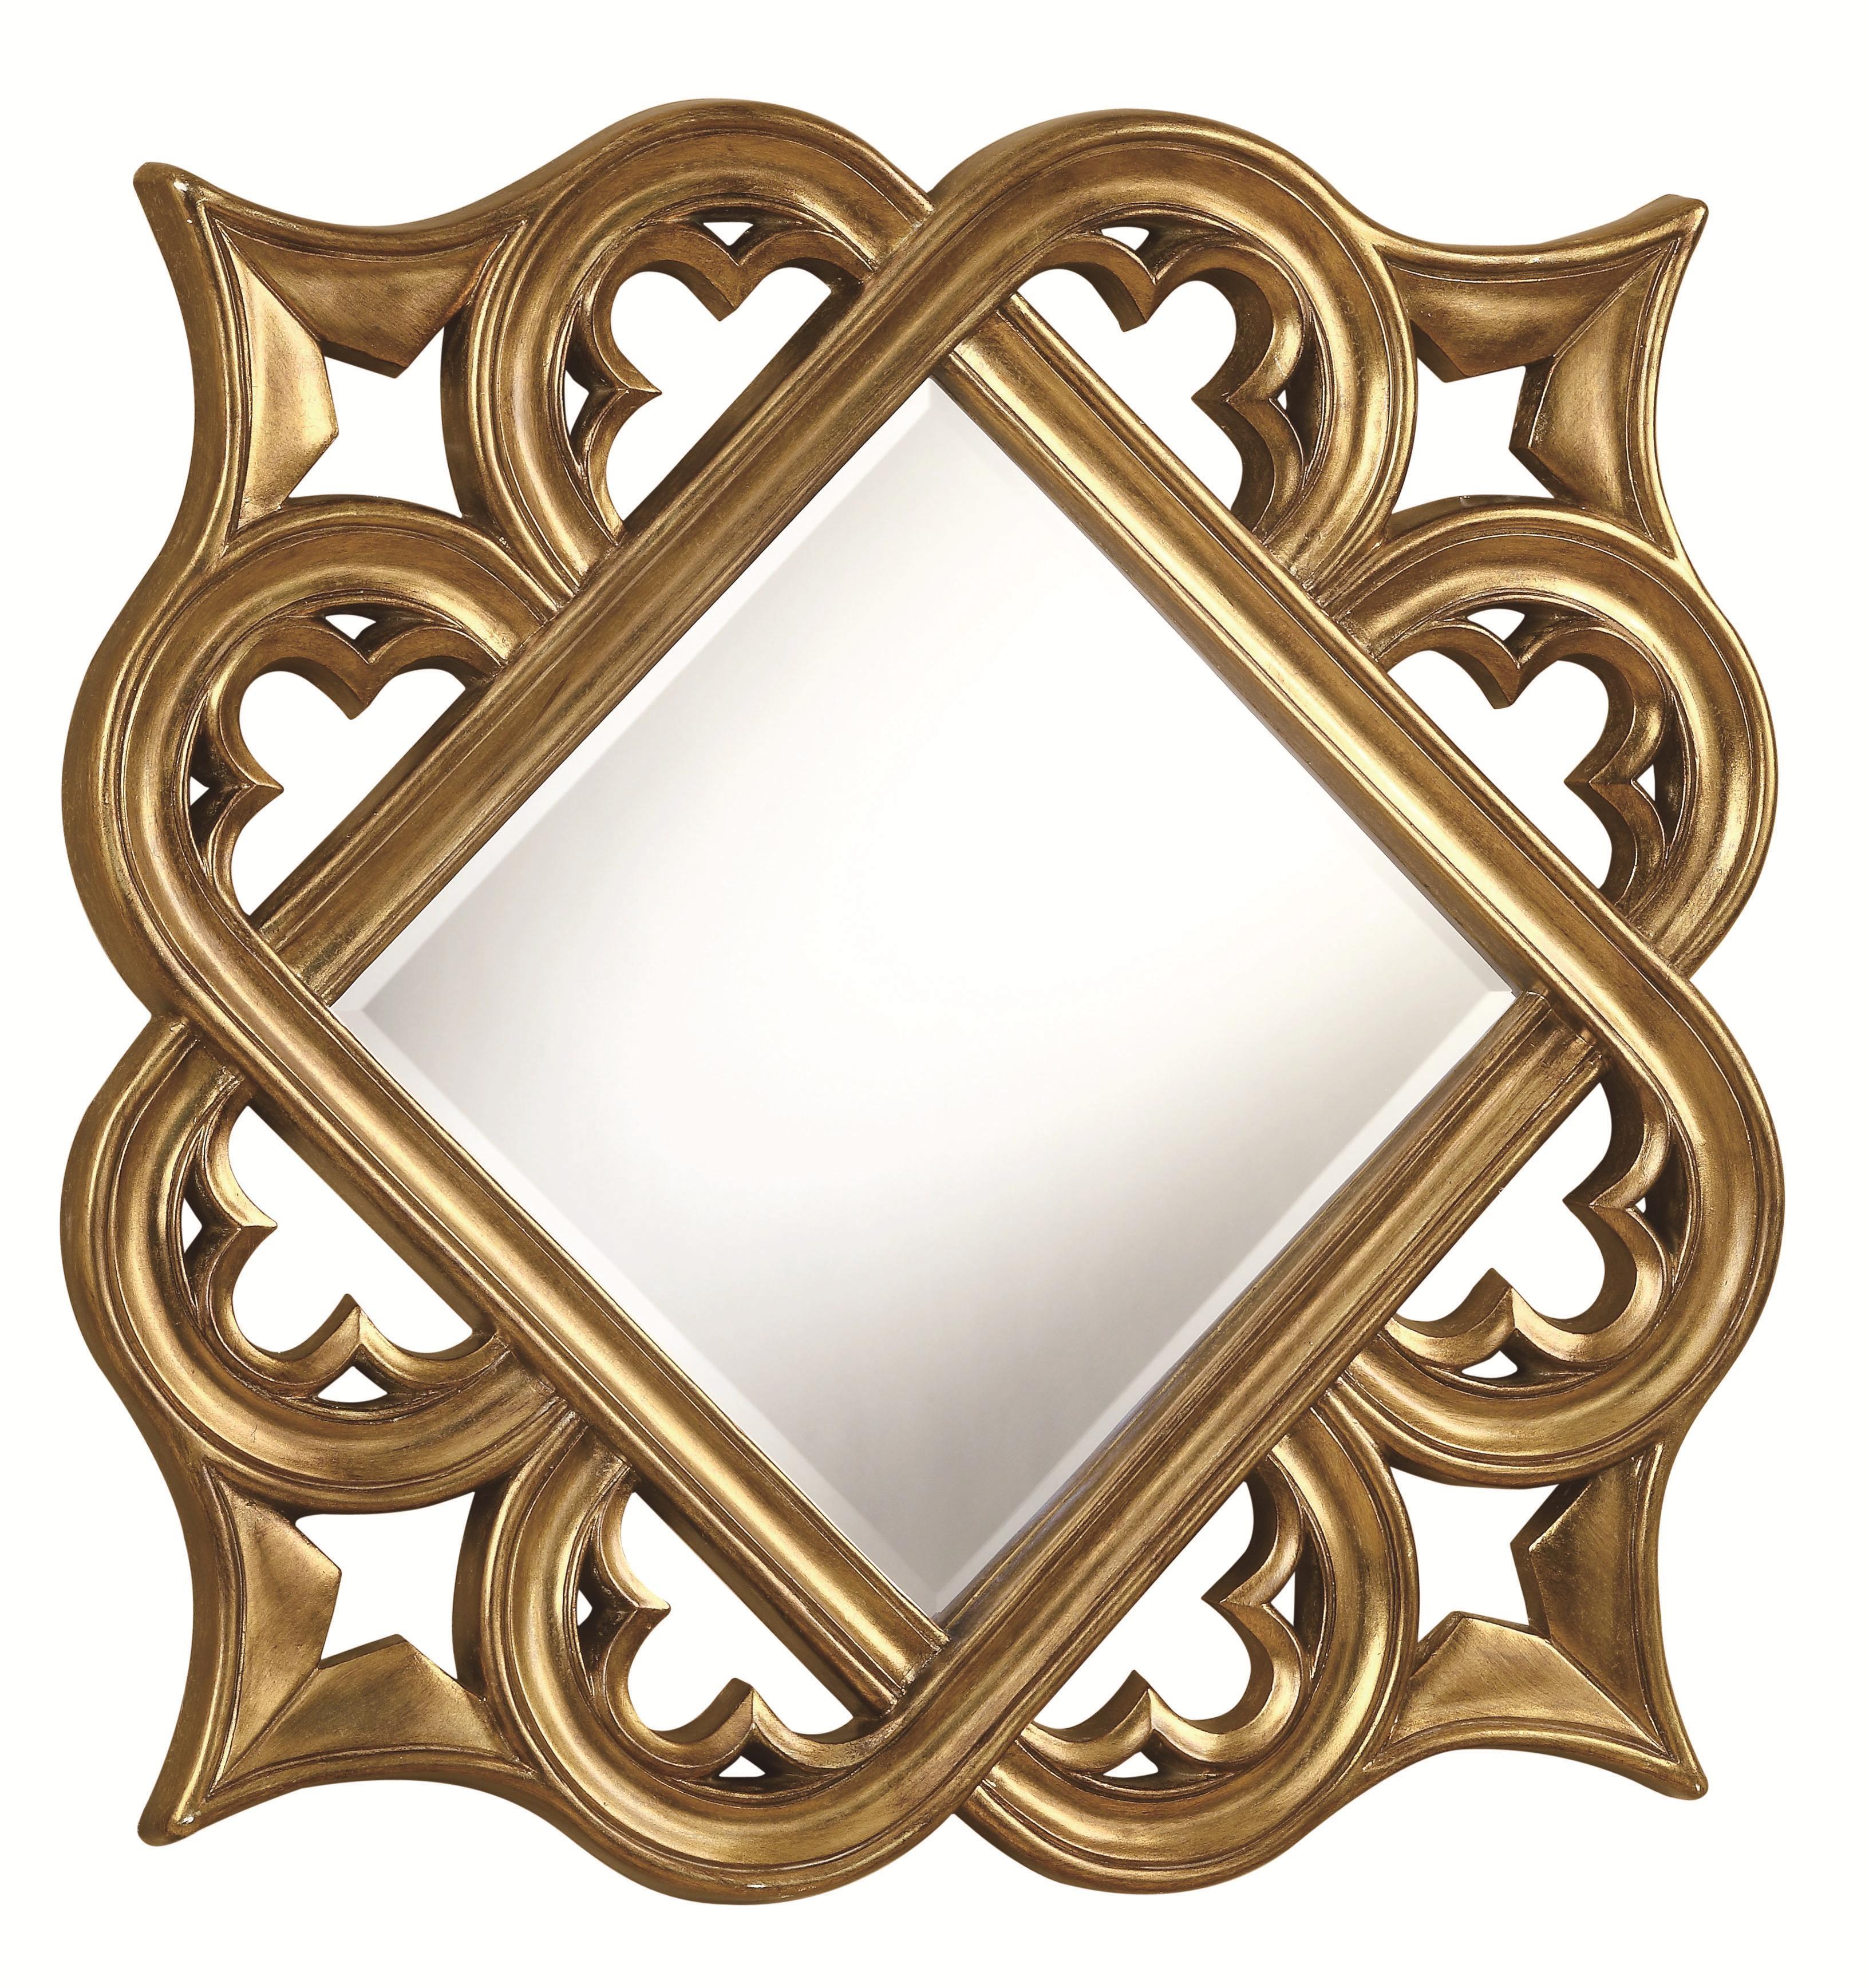 ornate round gold frame